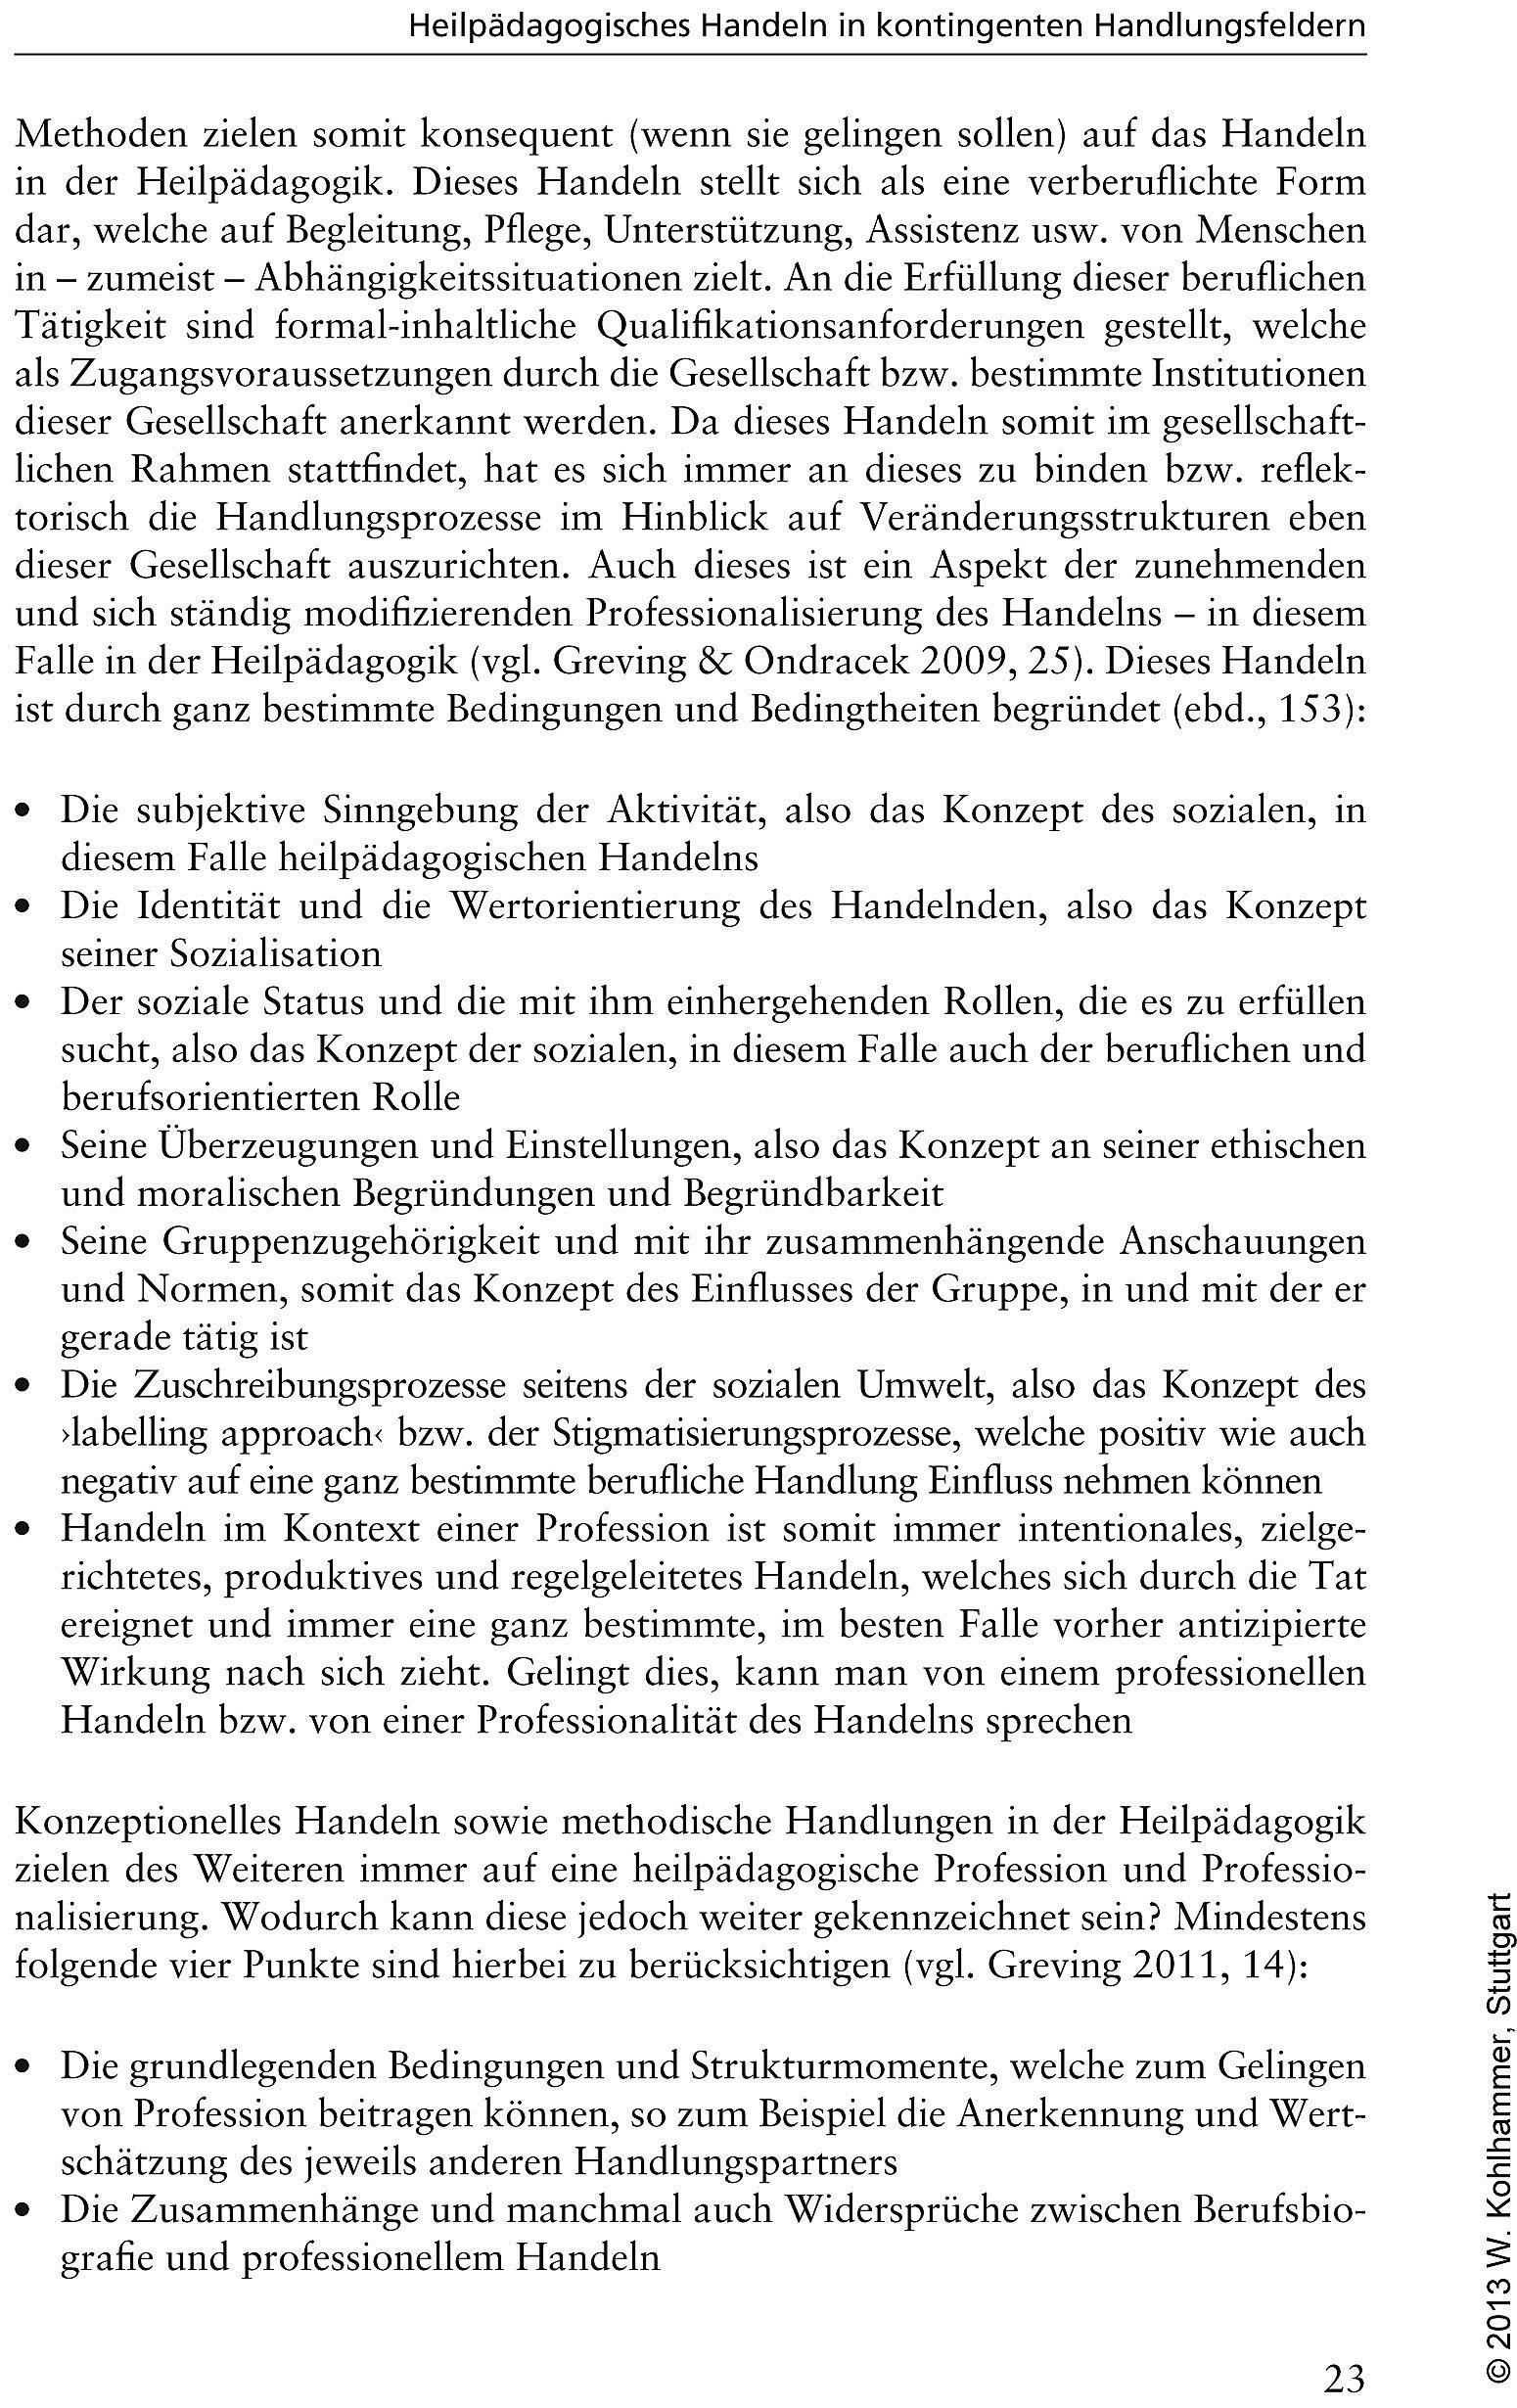 heilpadagogische konzepte und methoden orientierungswissen fur die praxis praxis heilpadagogik konzepte und methoden